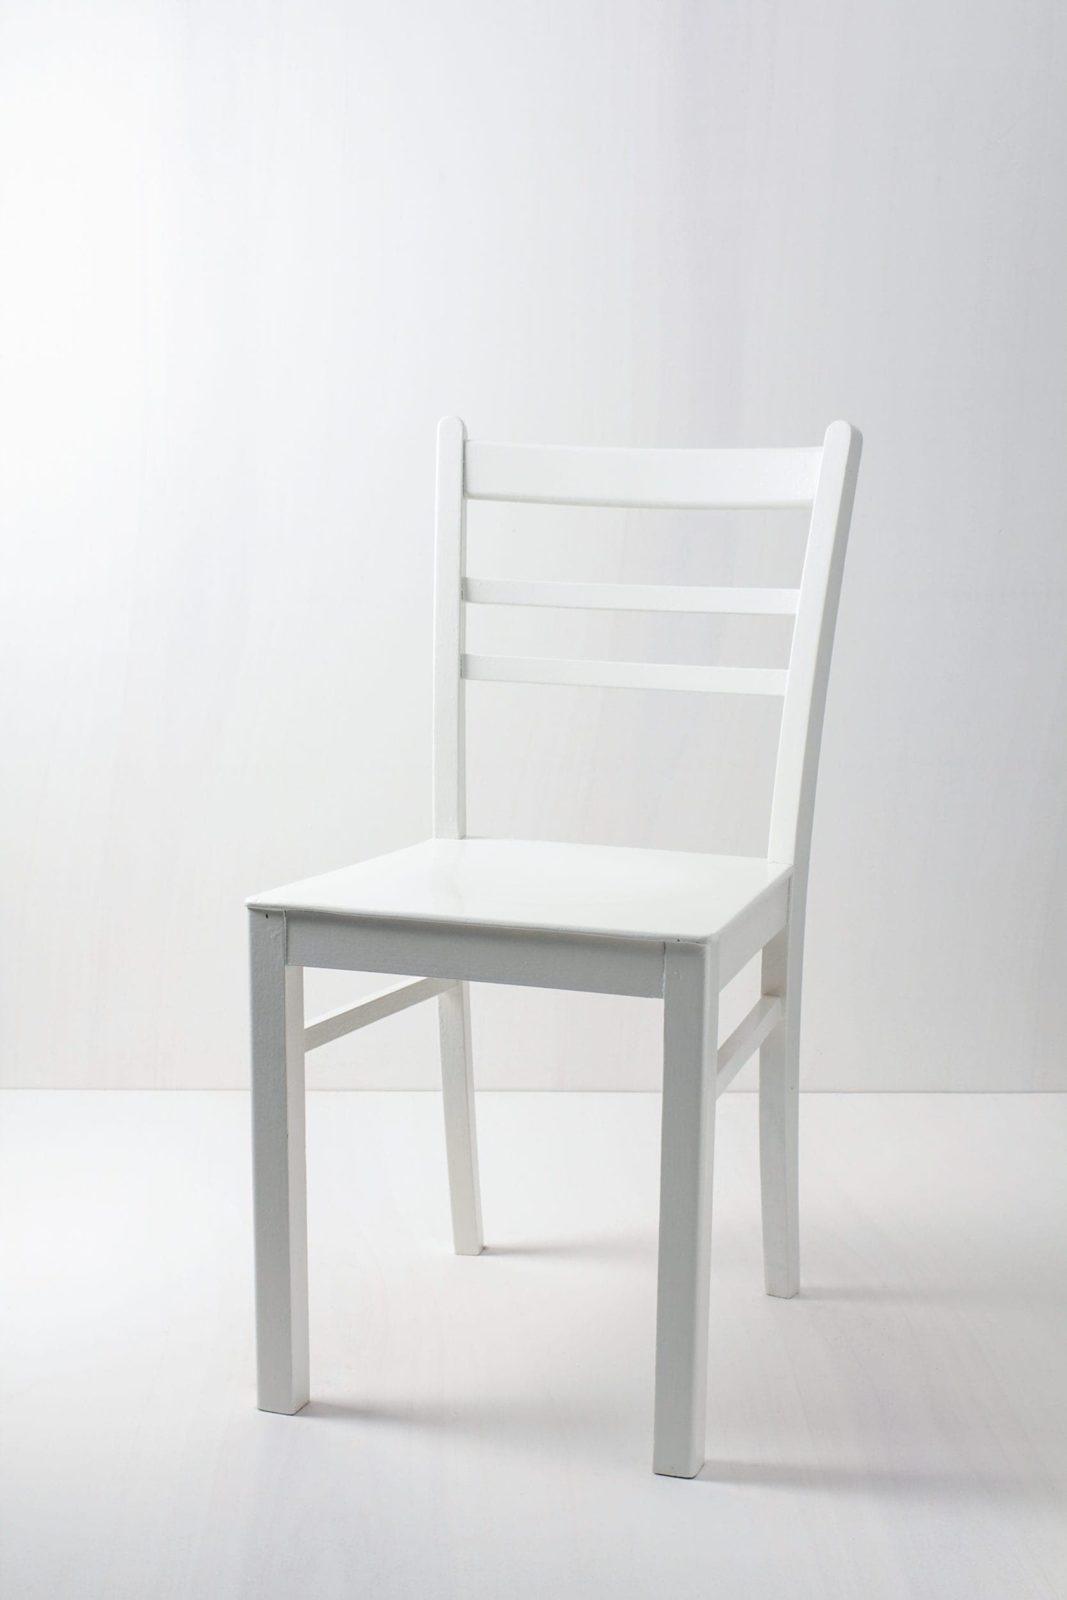 Küchenstuhl Luisa | Vintage Küchenstuhl, seidenmatt weiß lackiert. | gotvintage Rental & Event Design